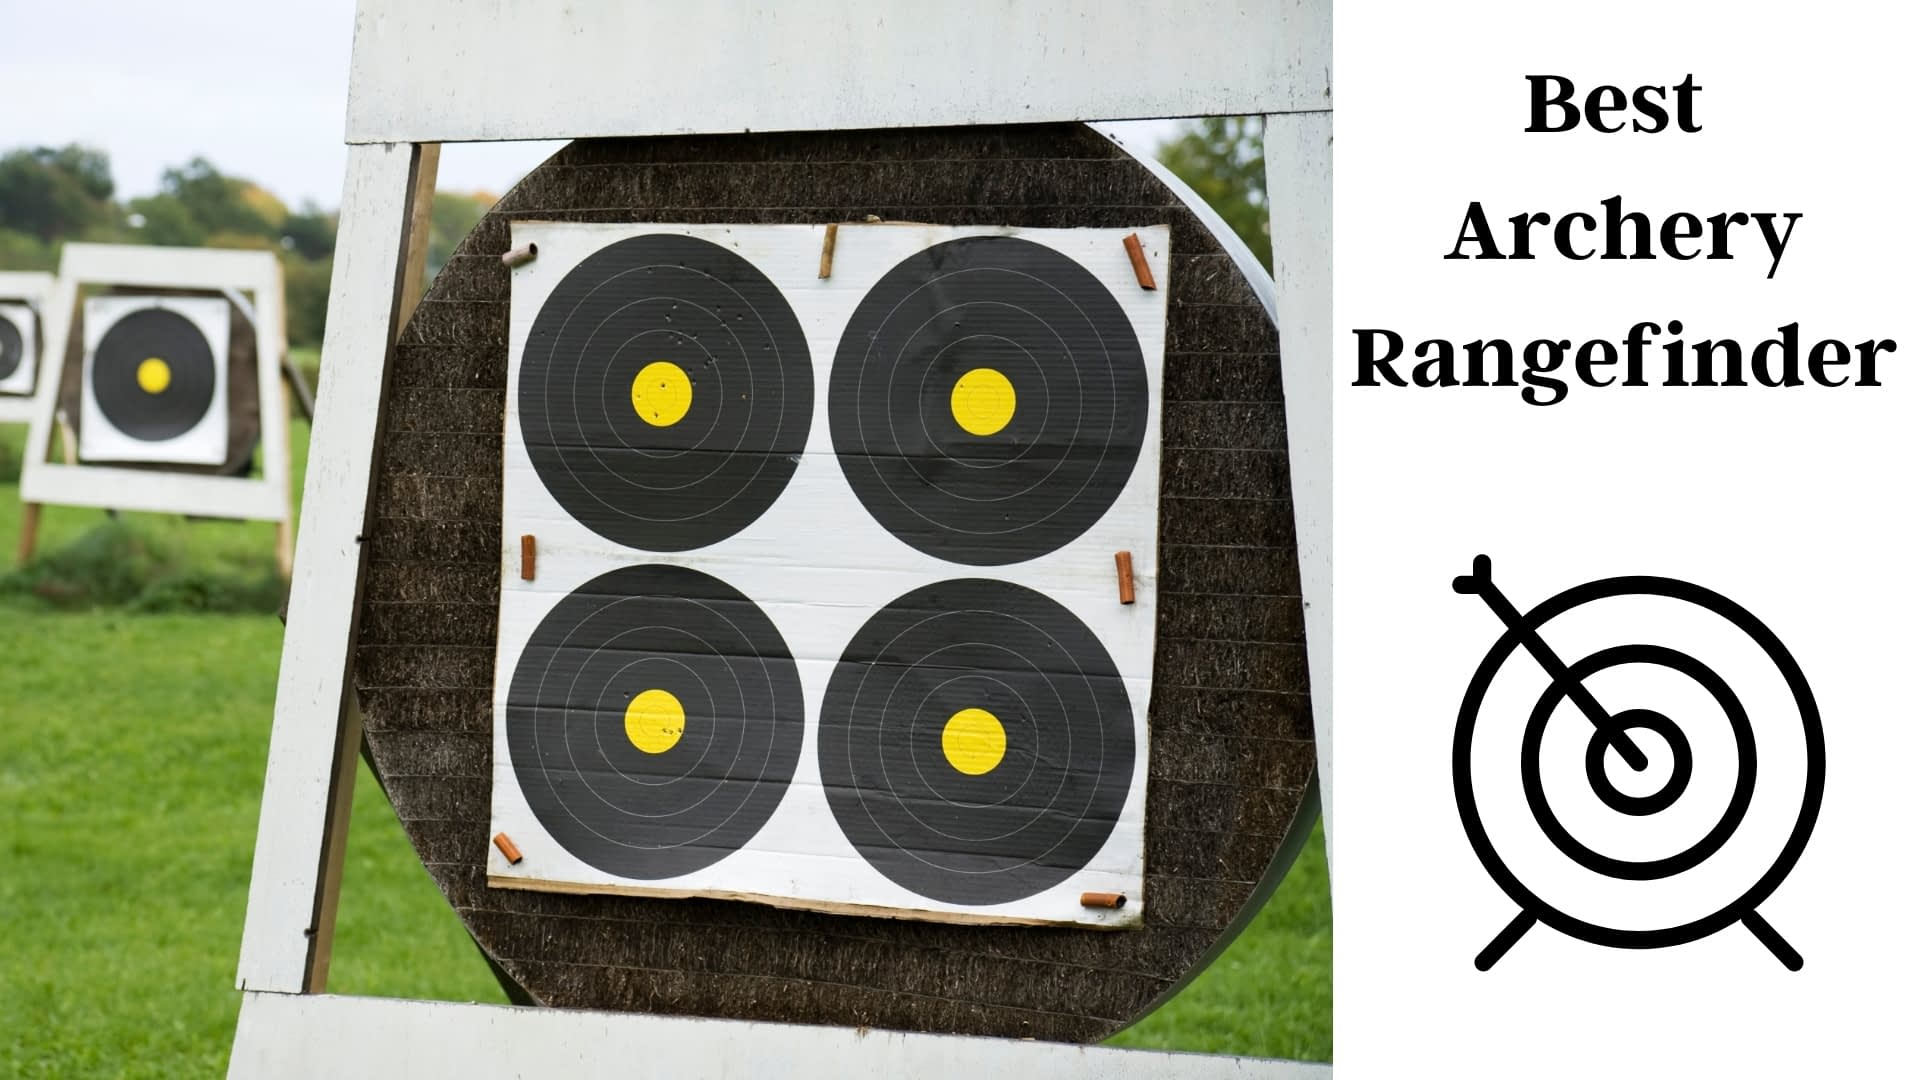 Best Archery Rangefinder